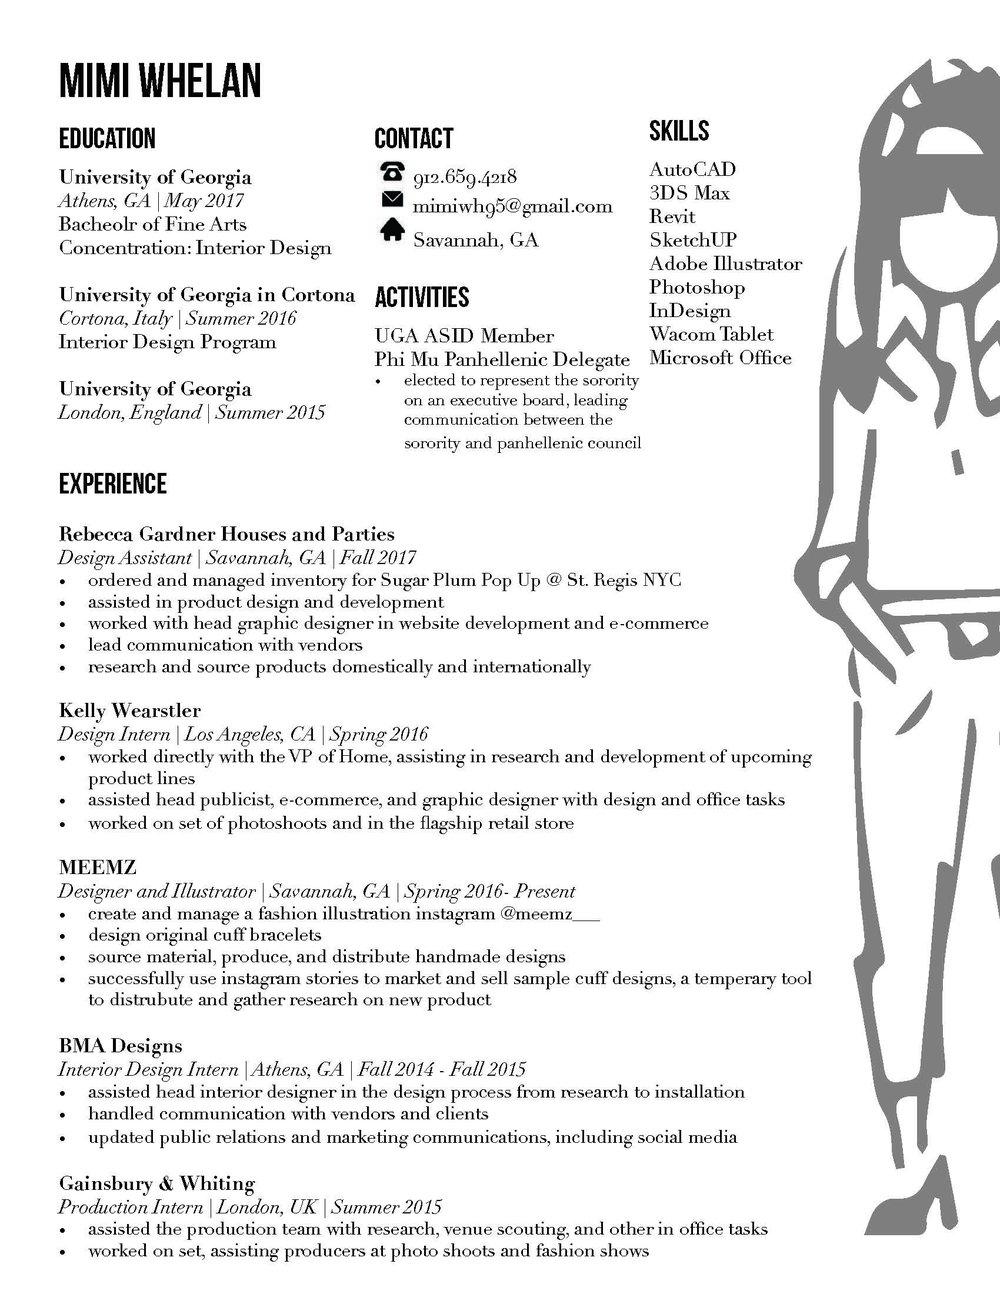 Resume — Mimi Whelan